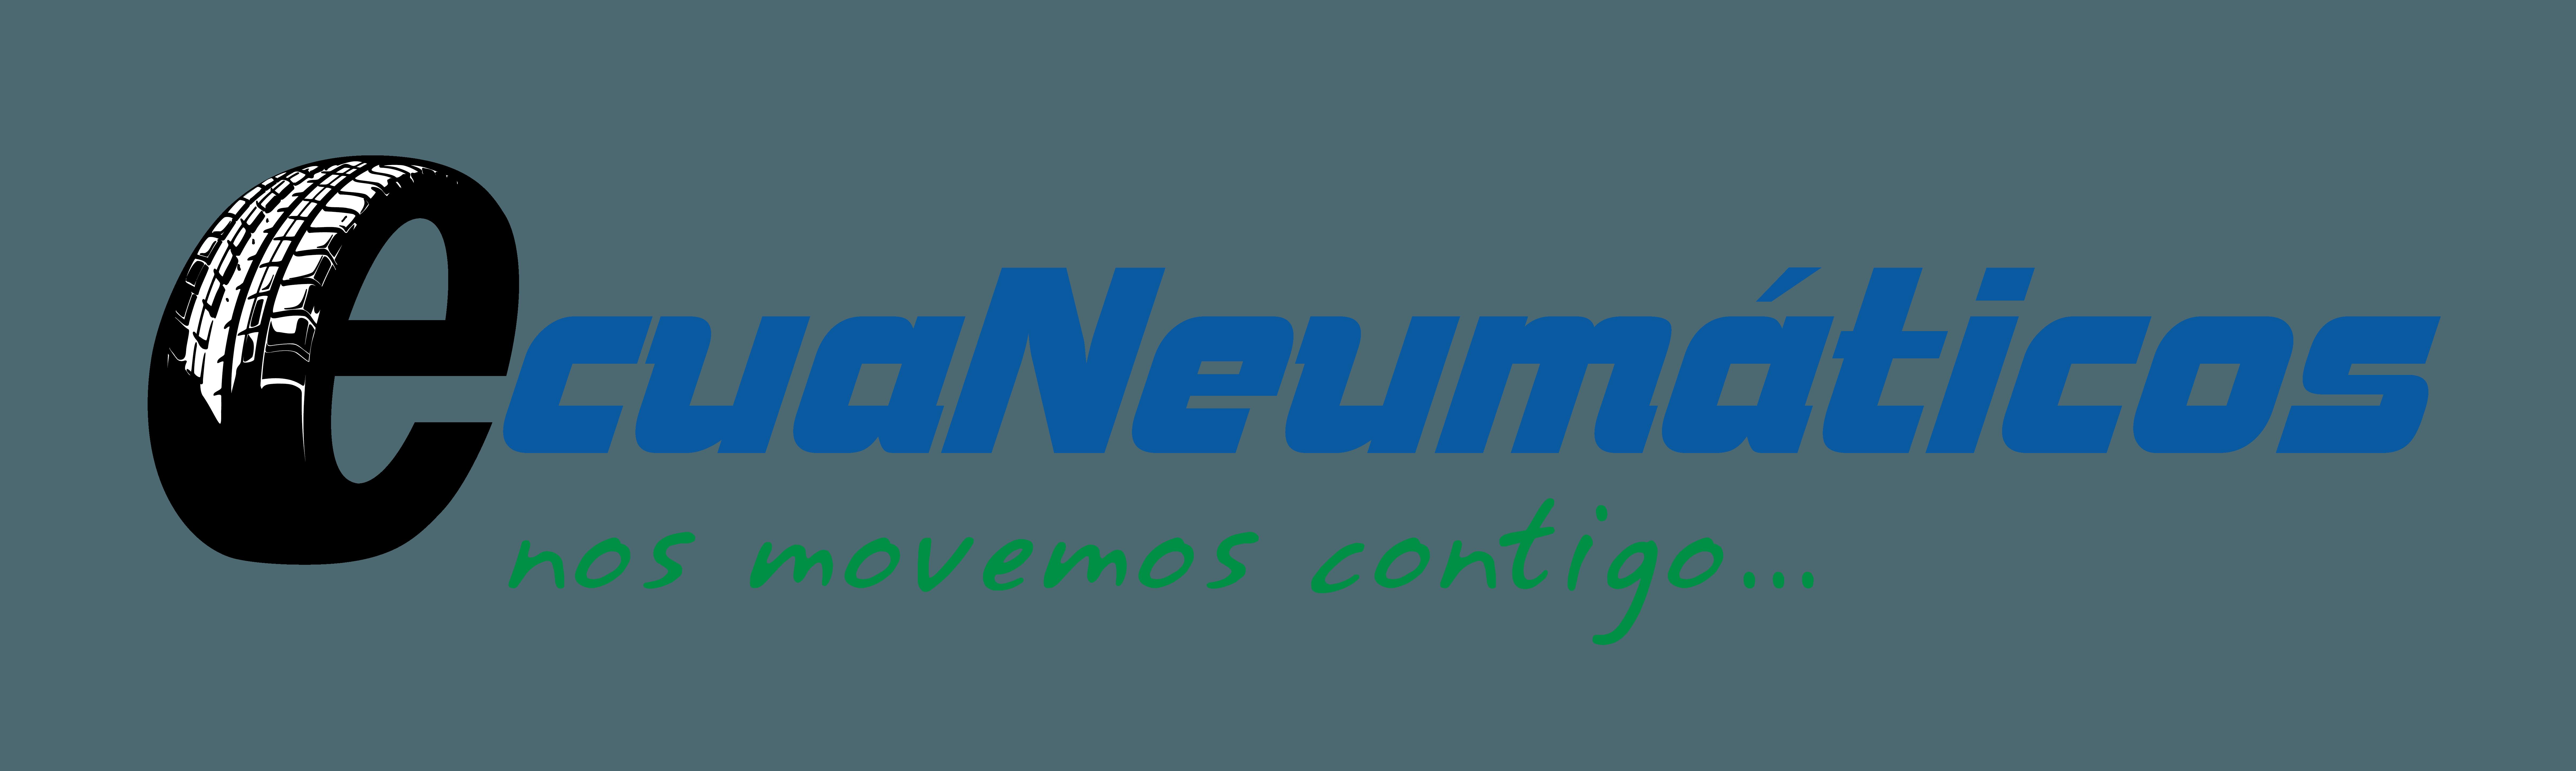 Ecuaneumáticos | Reencauchadora de Llantas | Reencaucha tus Llantas